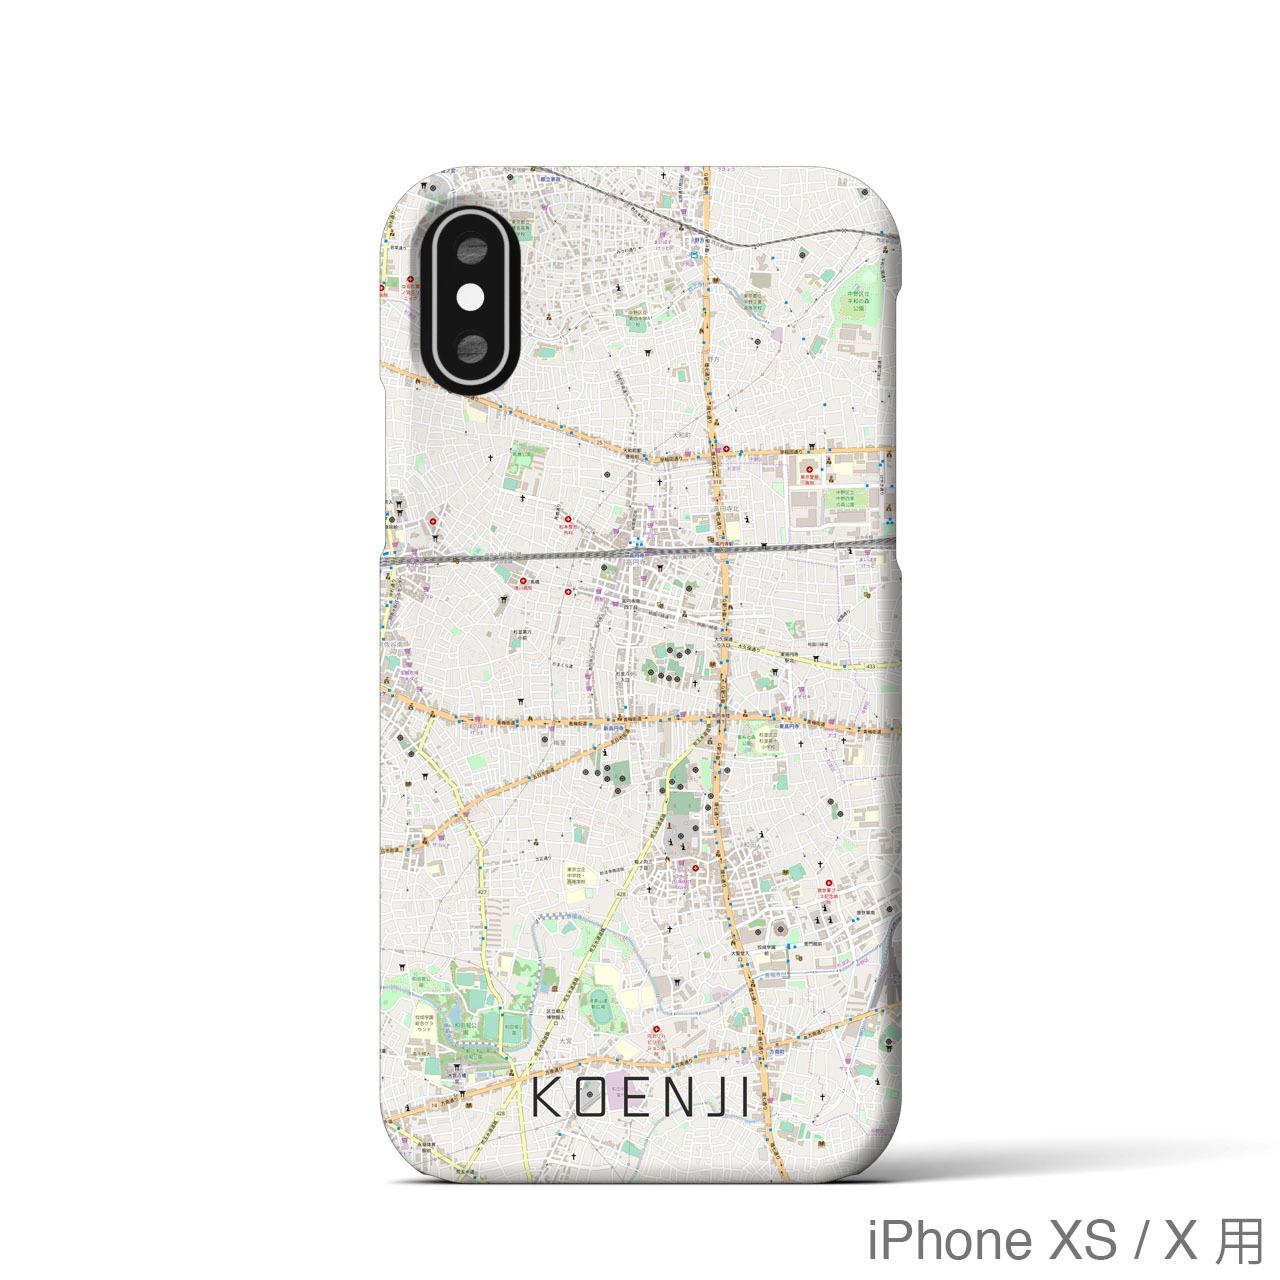 【高円寺】地図柄iPhoneケース(バックカバータイプ・ナチュラル)